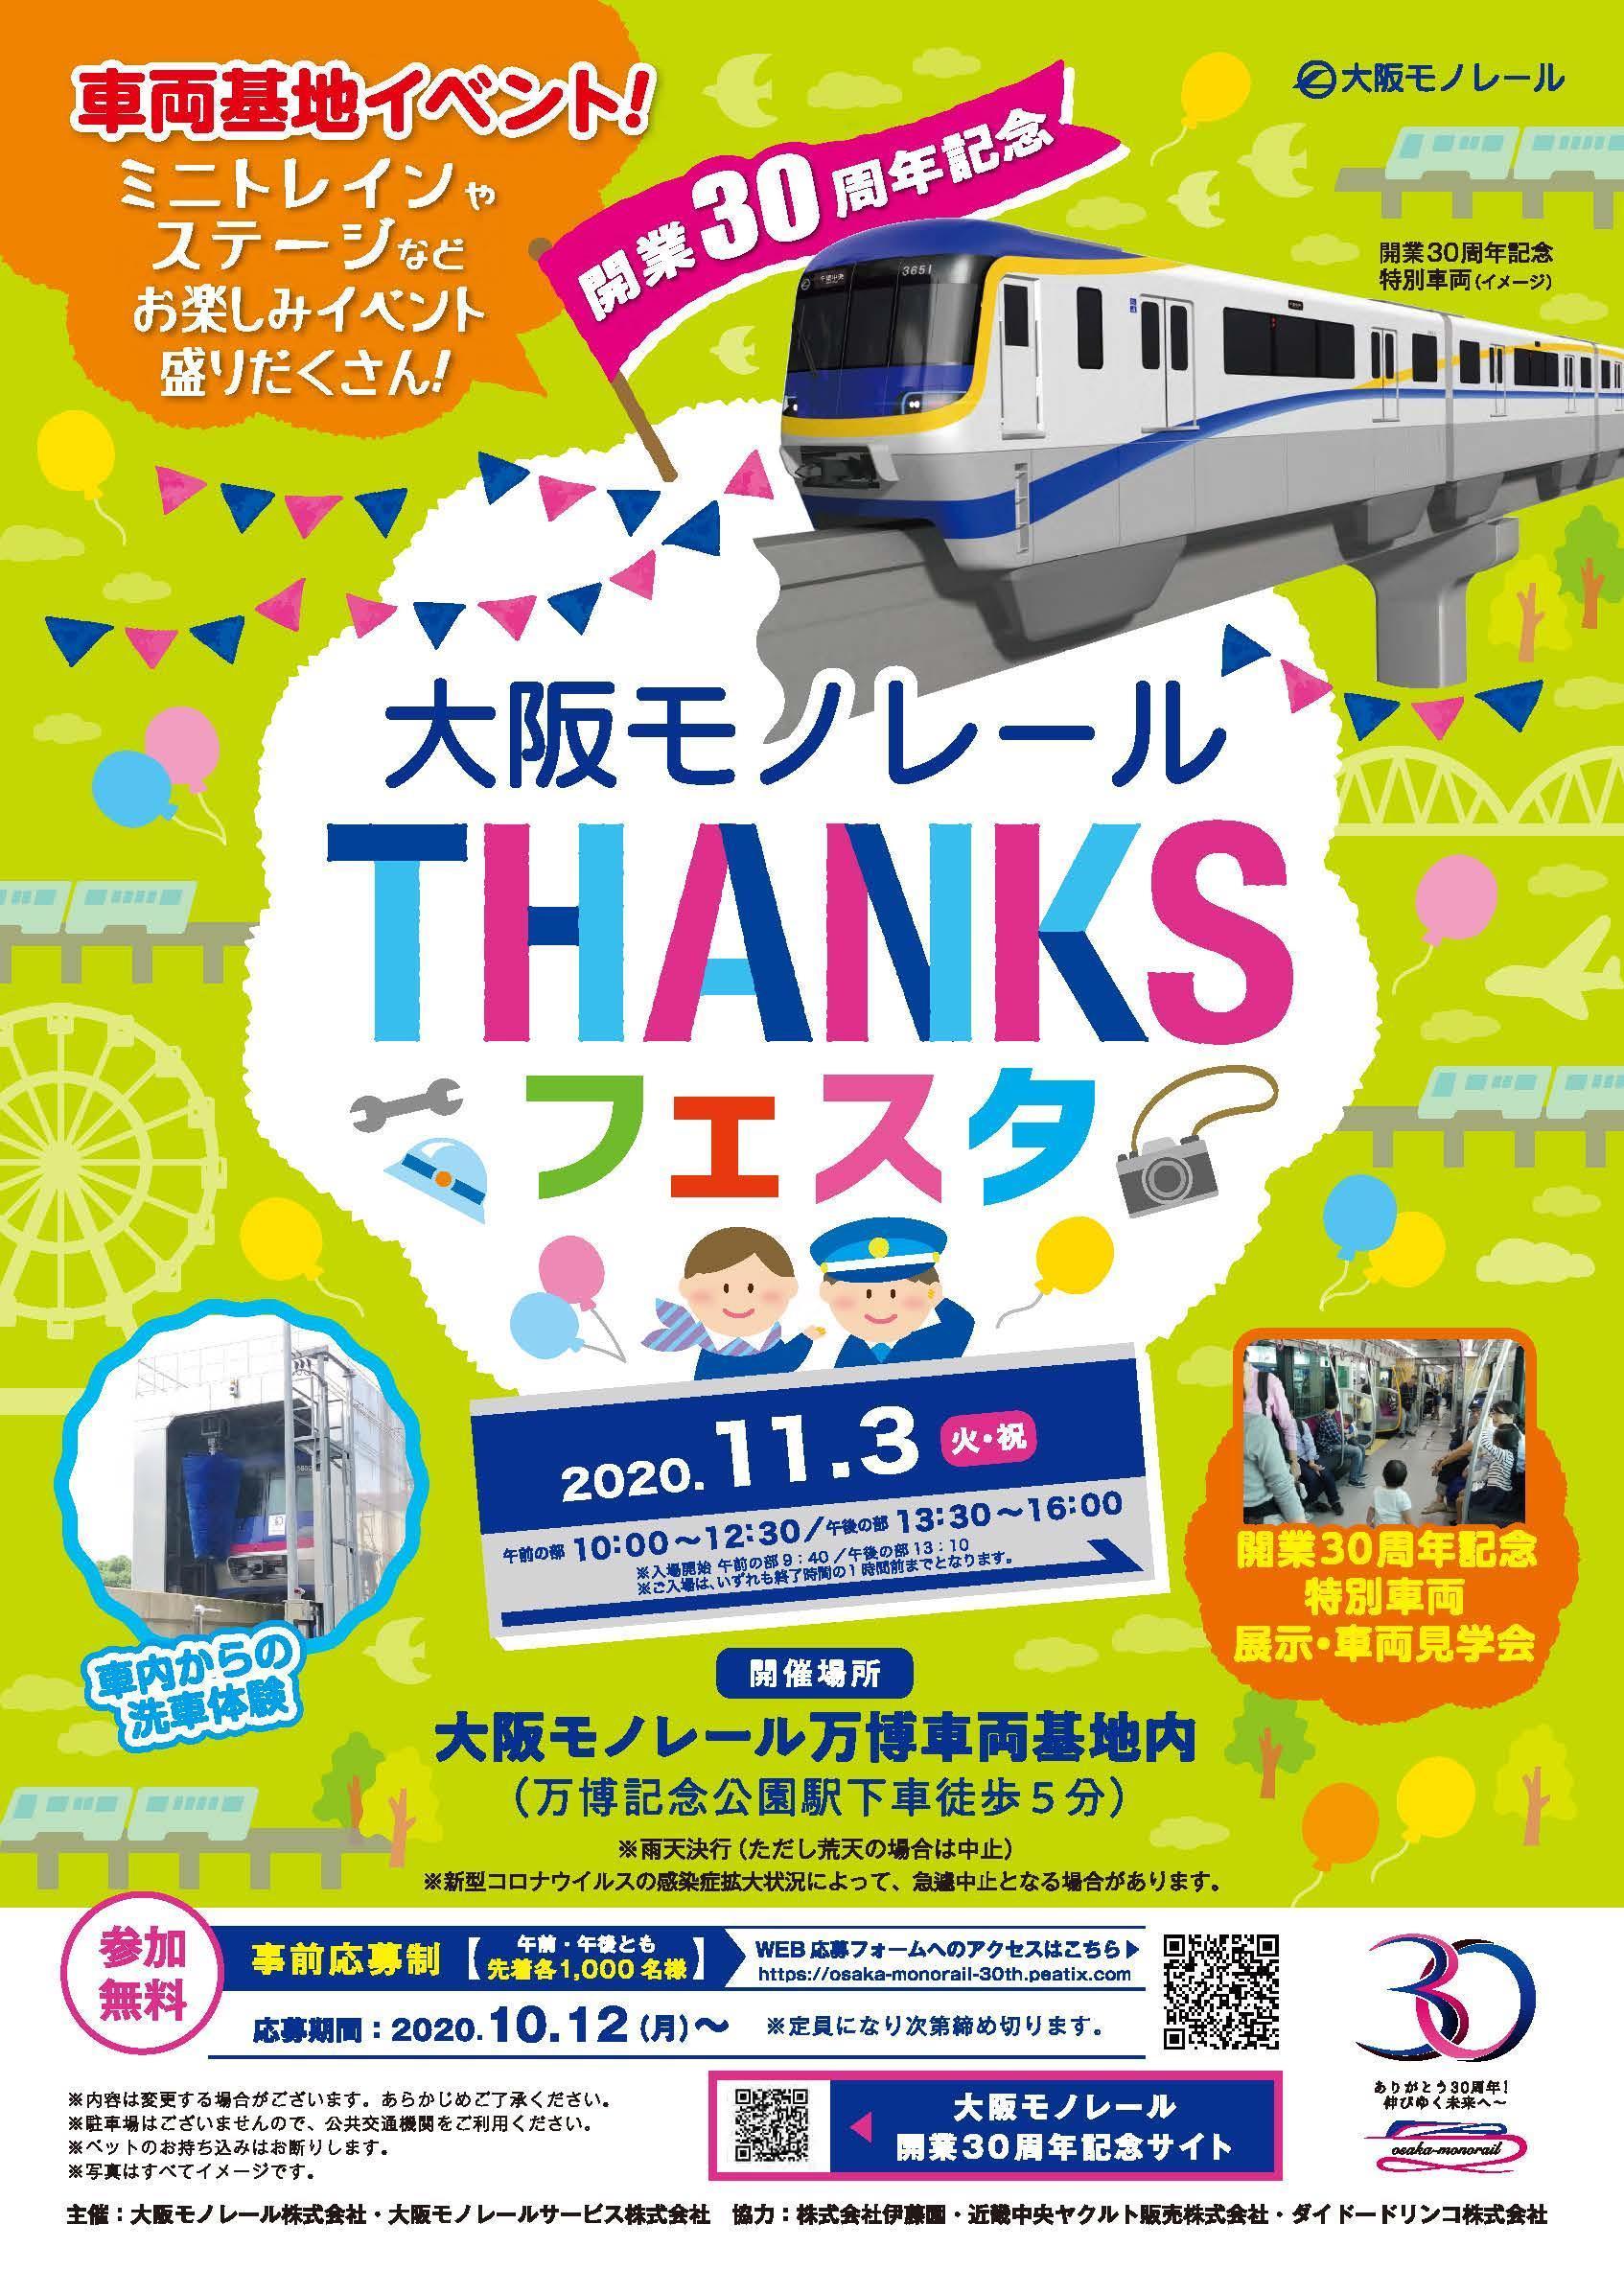 大阪モノレールTHANKSフェスタ(チラシ)